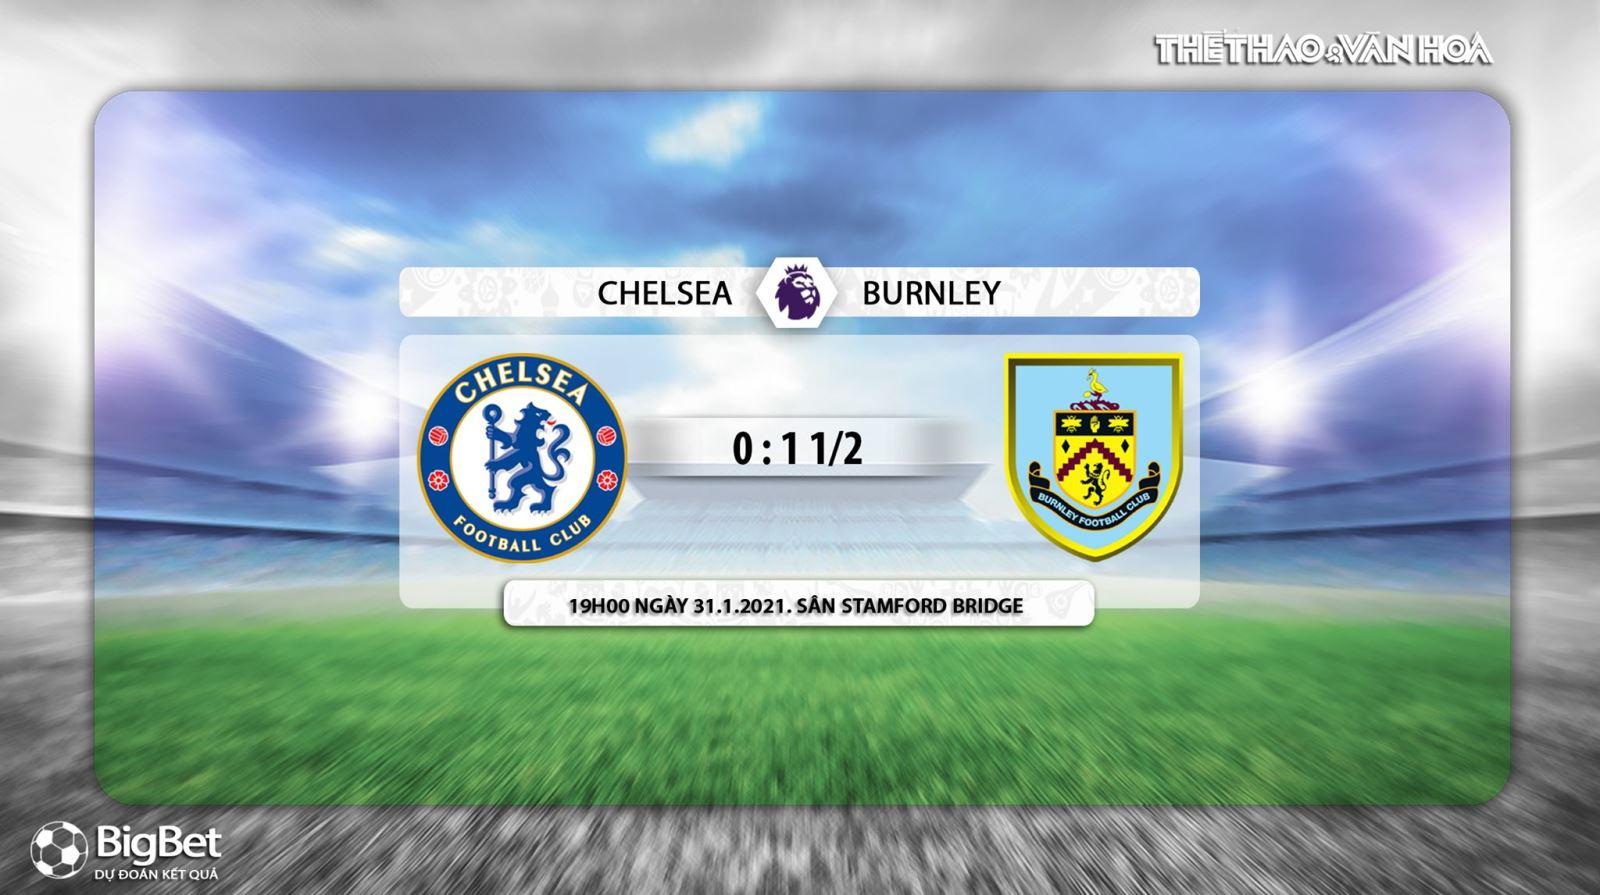 Keo nha cai,Chelsea vs Burnley, Vòng 21 giải Ngoại hạng Anh, Trực tiếp K+PC, Trực tiếp bóng đá, Trực tiếp Chelsea đấu với Burnley, Kèo bóng đá Chelsea, kèo Burnley